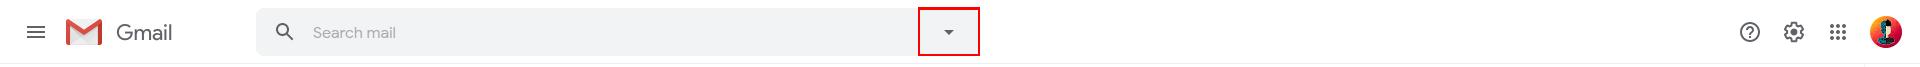 Click on arrow